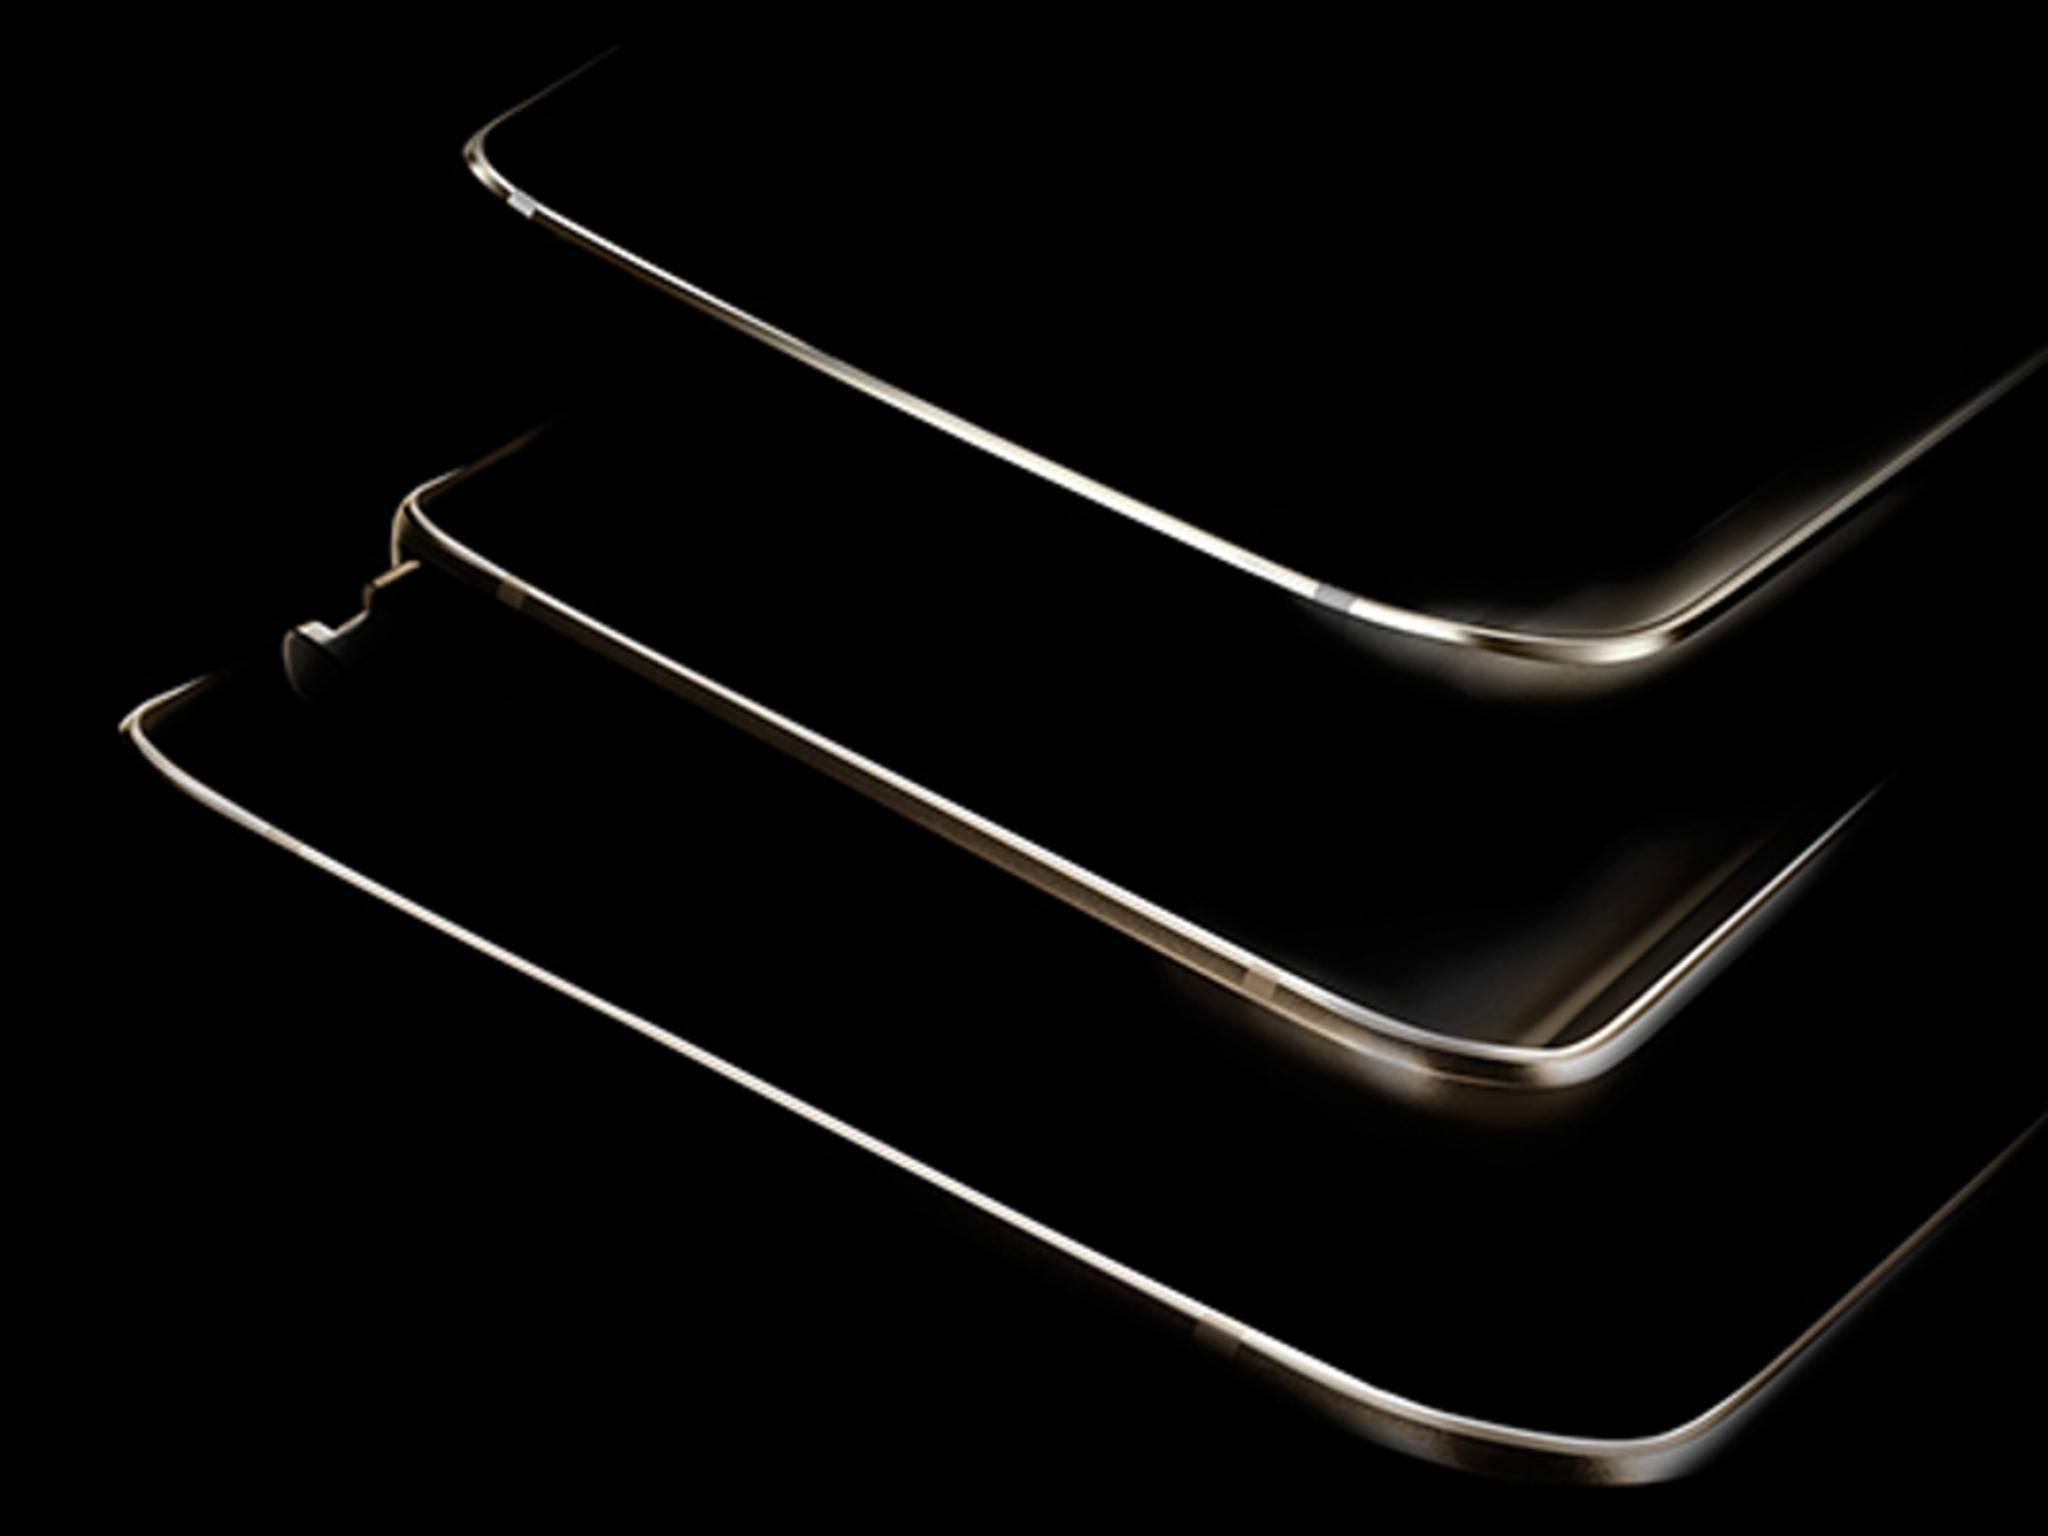 Das Galaxy Note 5 und Galaxy S6 Edge+ werden heute höchstwahrscheinlich auf dem Unpacked-Event enthüllt.